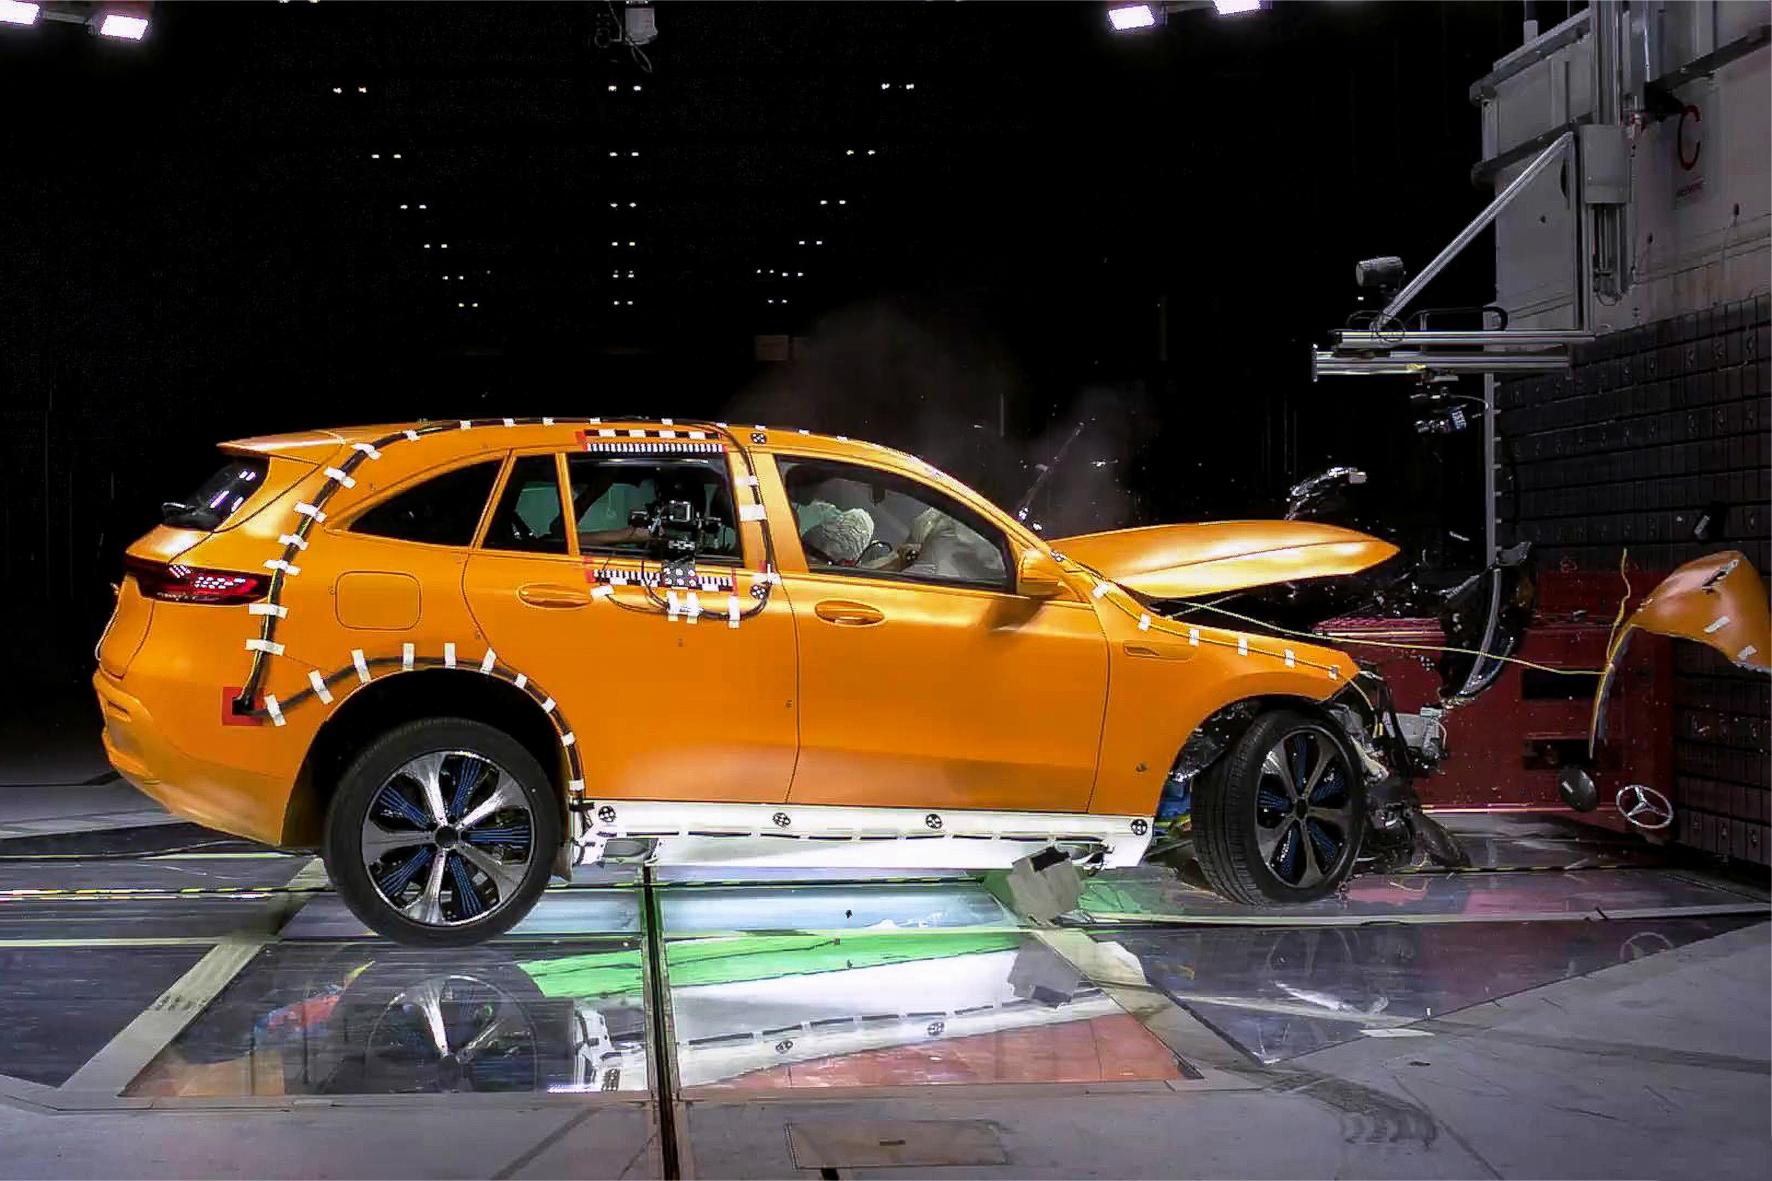 mid Groß-Gerau - Plötzliche Kaltverformung: der Mercedes EQC beim Crashtest. Daimler